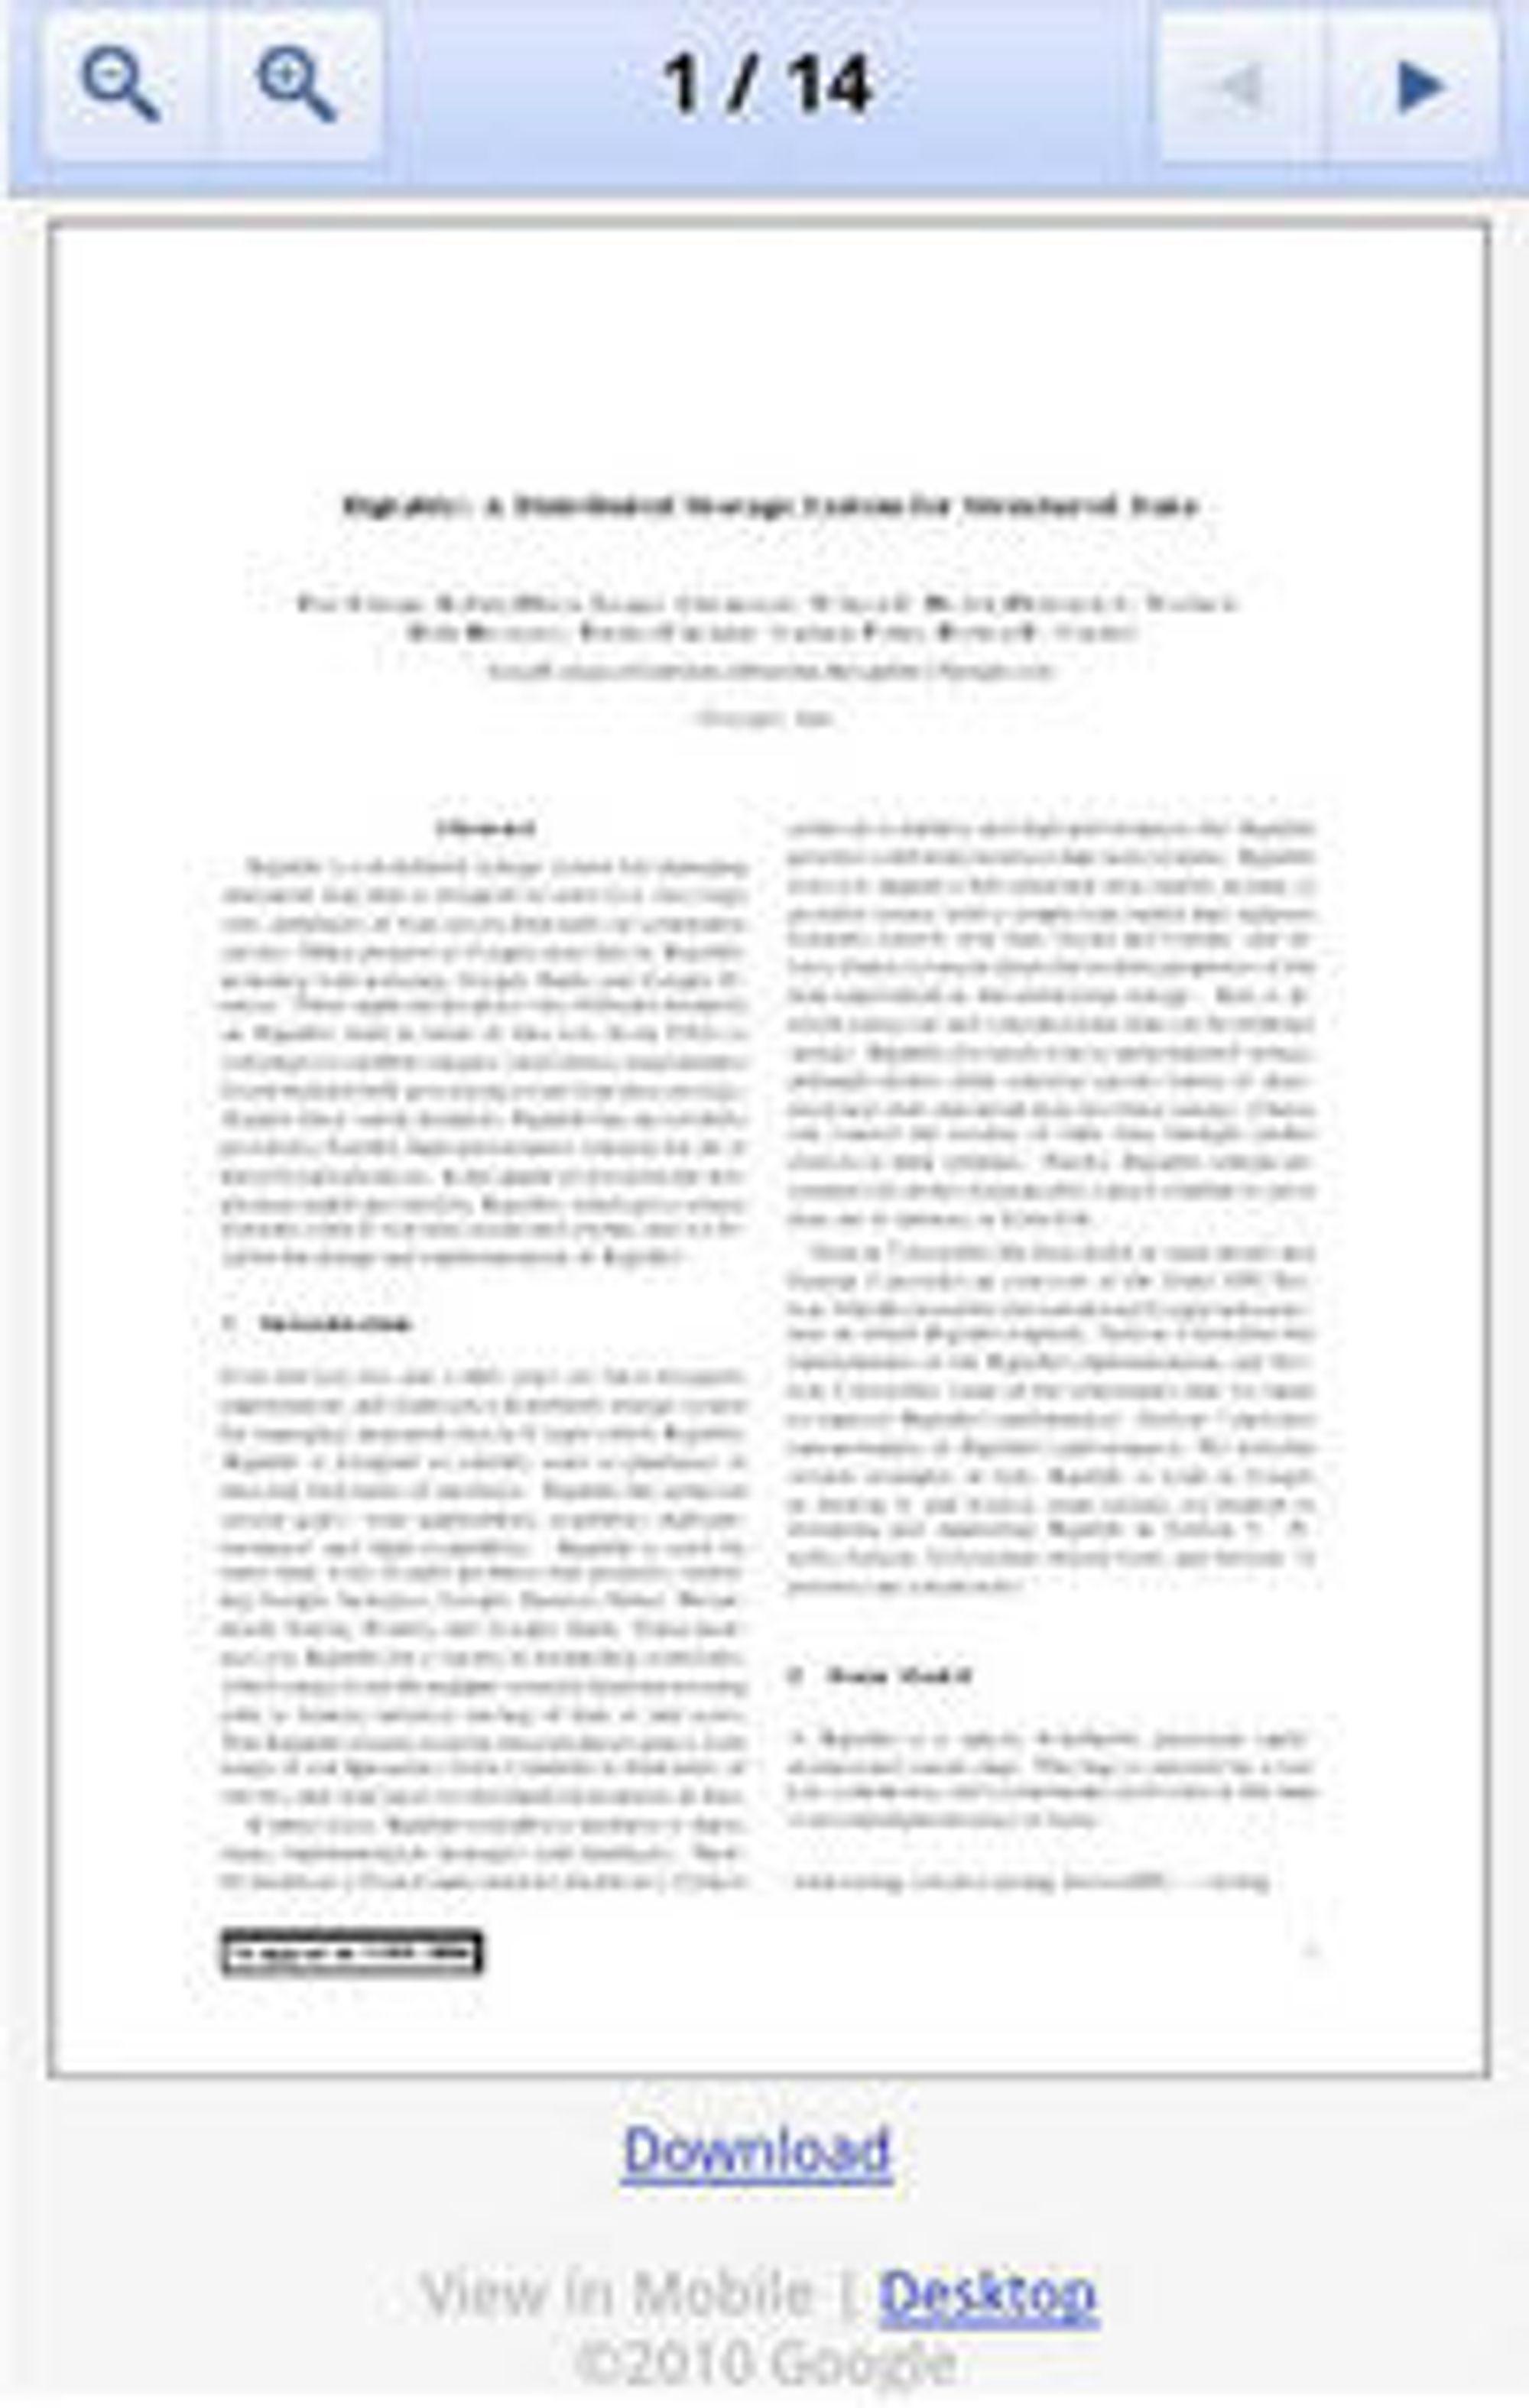 Visning av PDF-dokument i Google Docs Viewer for mobil.